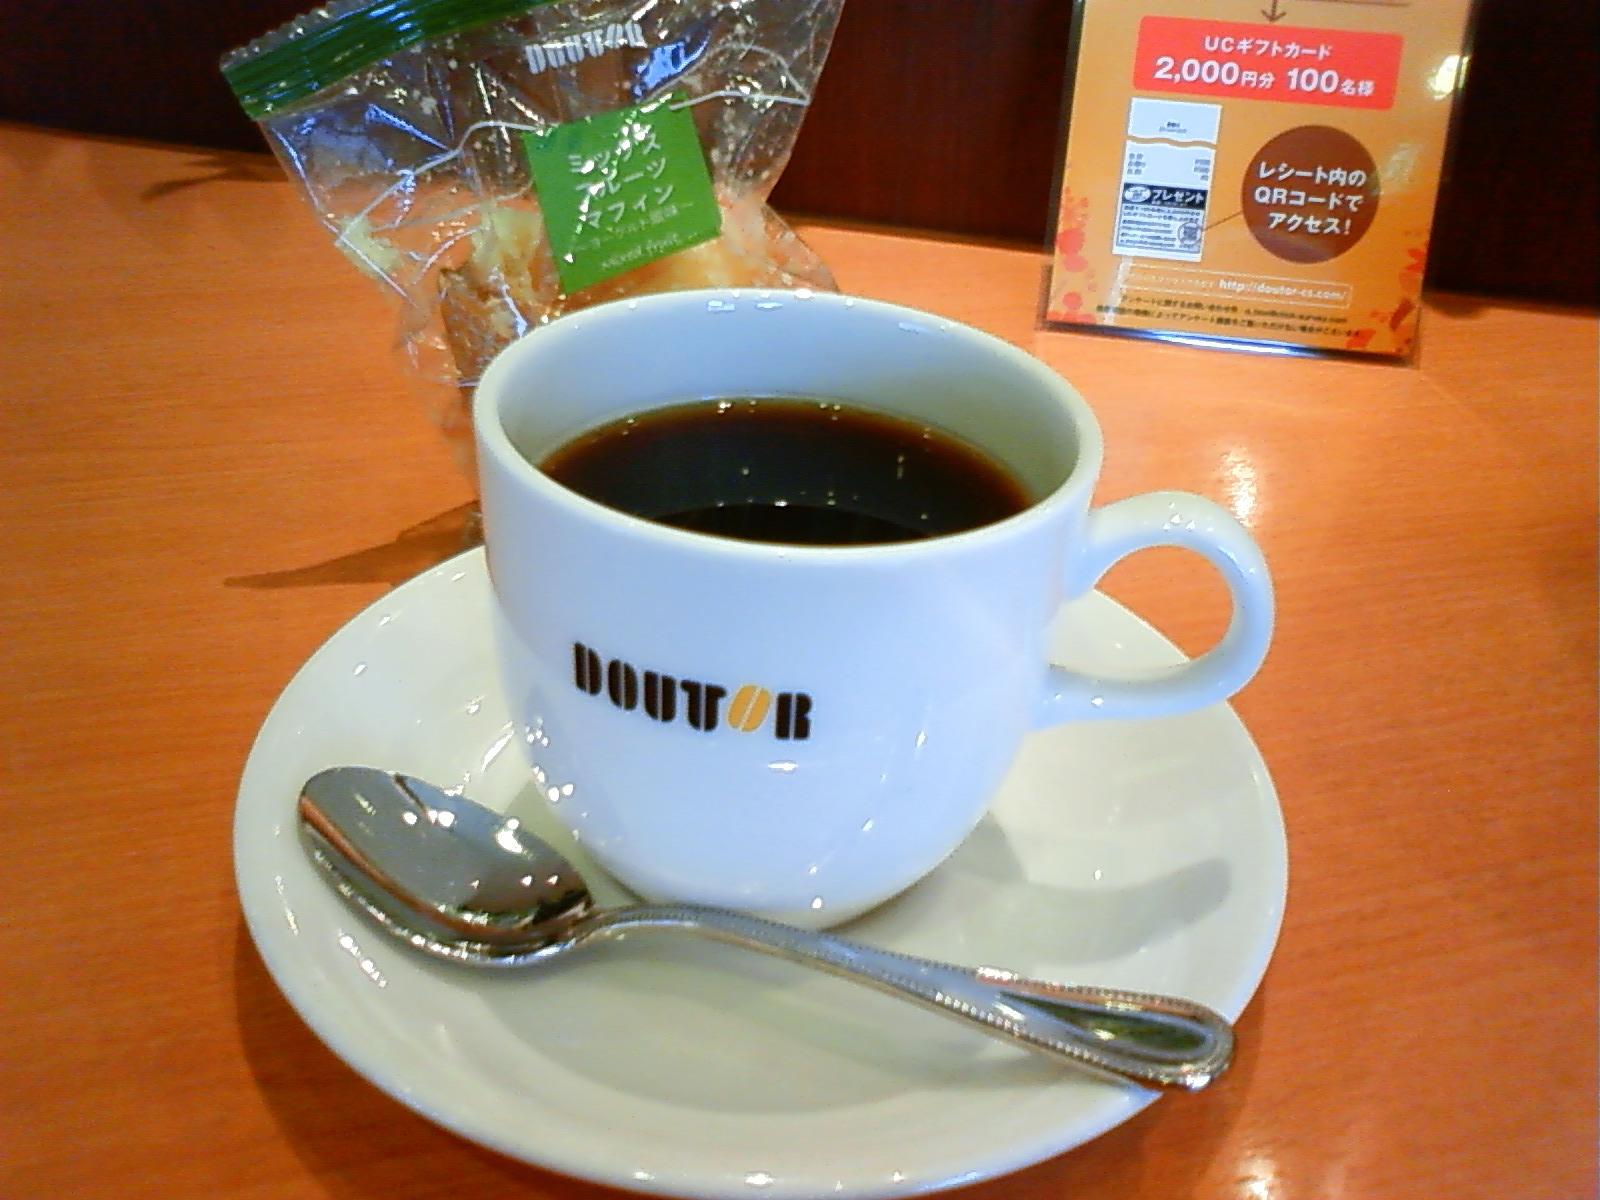 ドトールコーヒーショップ 淵野辺南口店